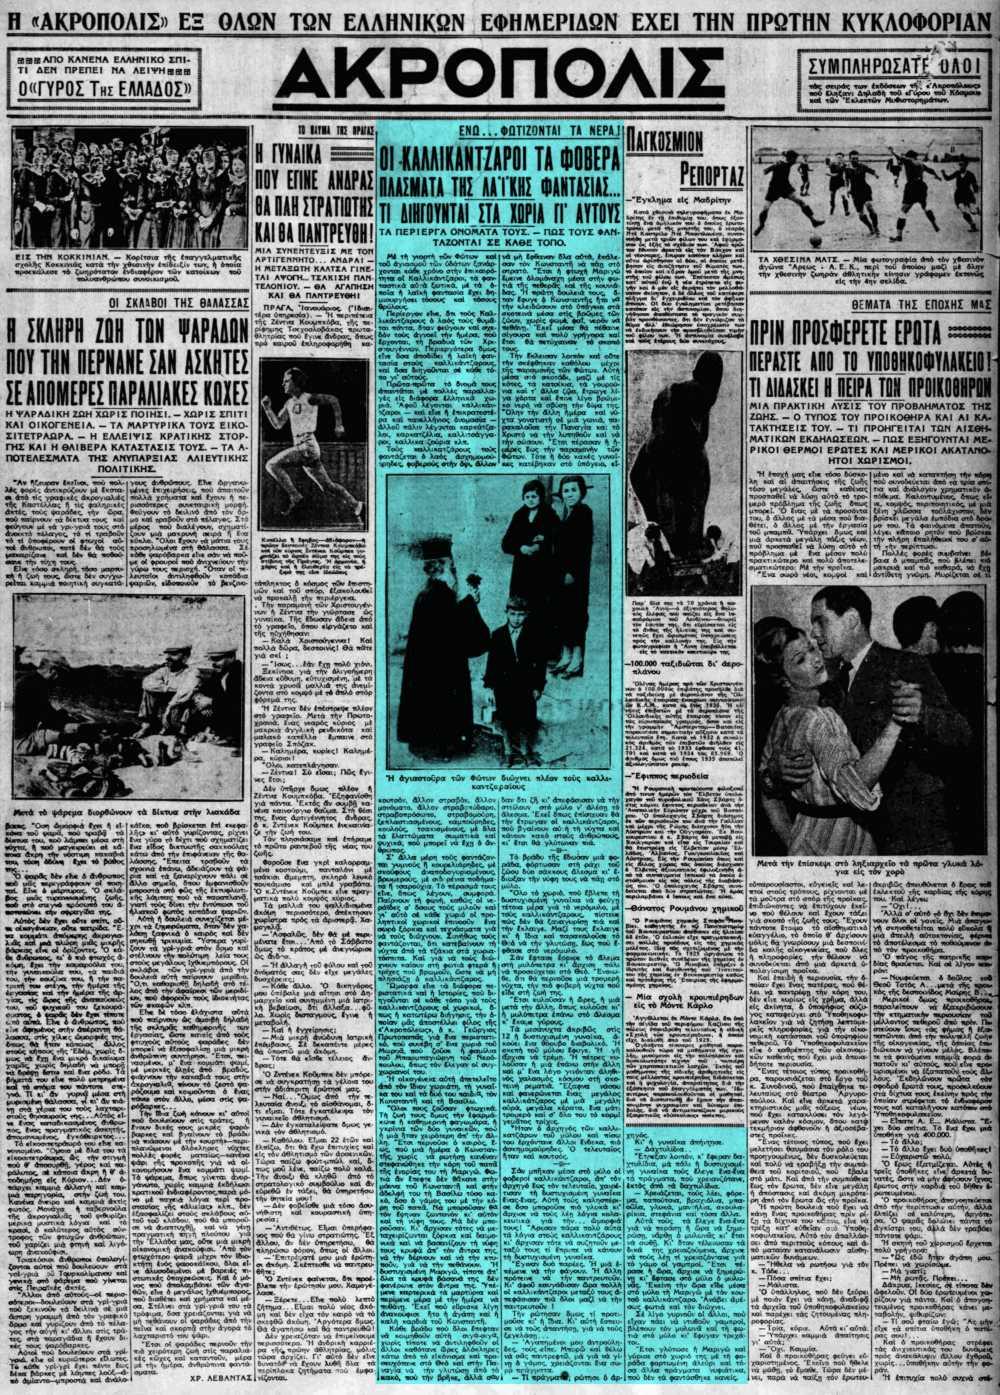 """Το άρθρο, όπως δημοσιεύθηκε στην εφημερίδα """"ΑΚΡΟΠΟΛΙΣ"""", στις 06/01/1936"""